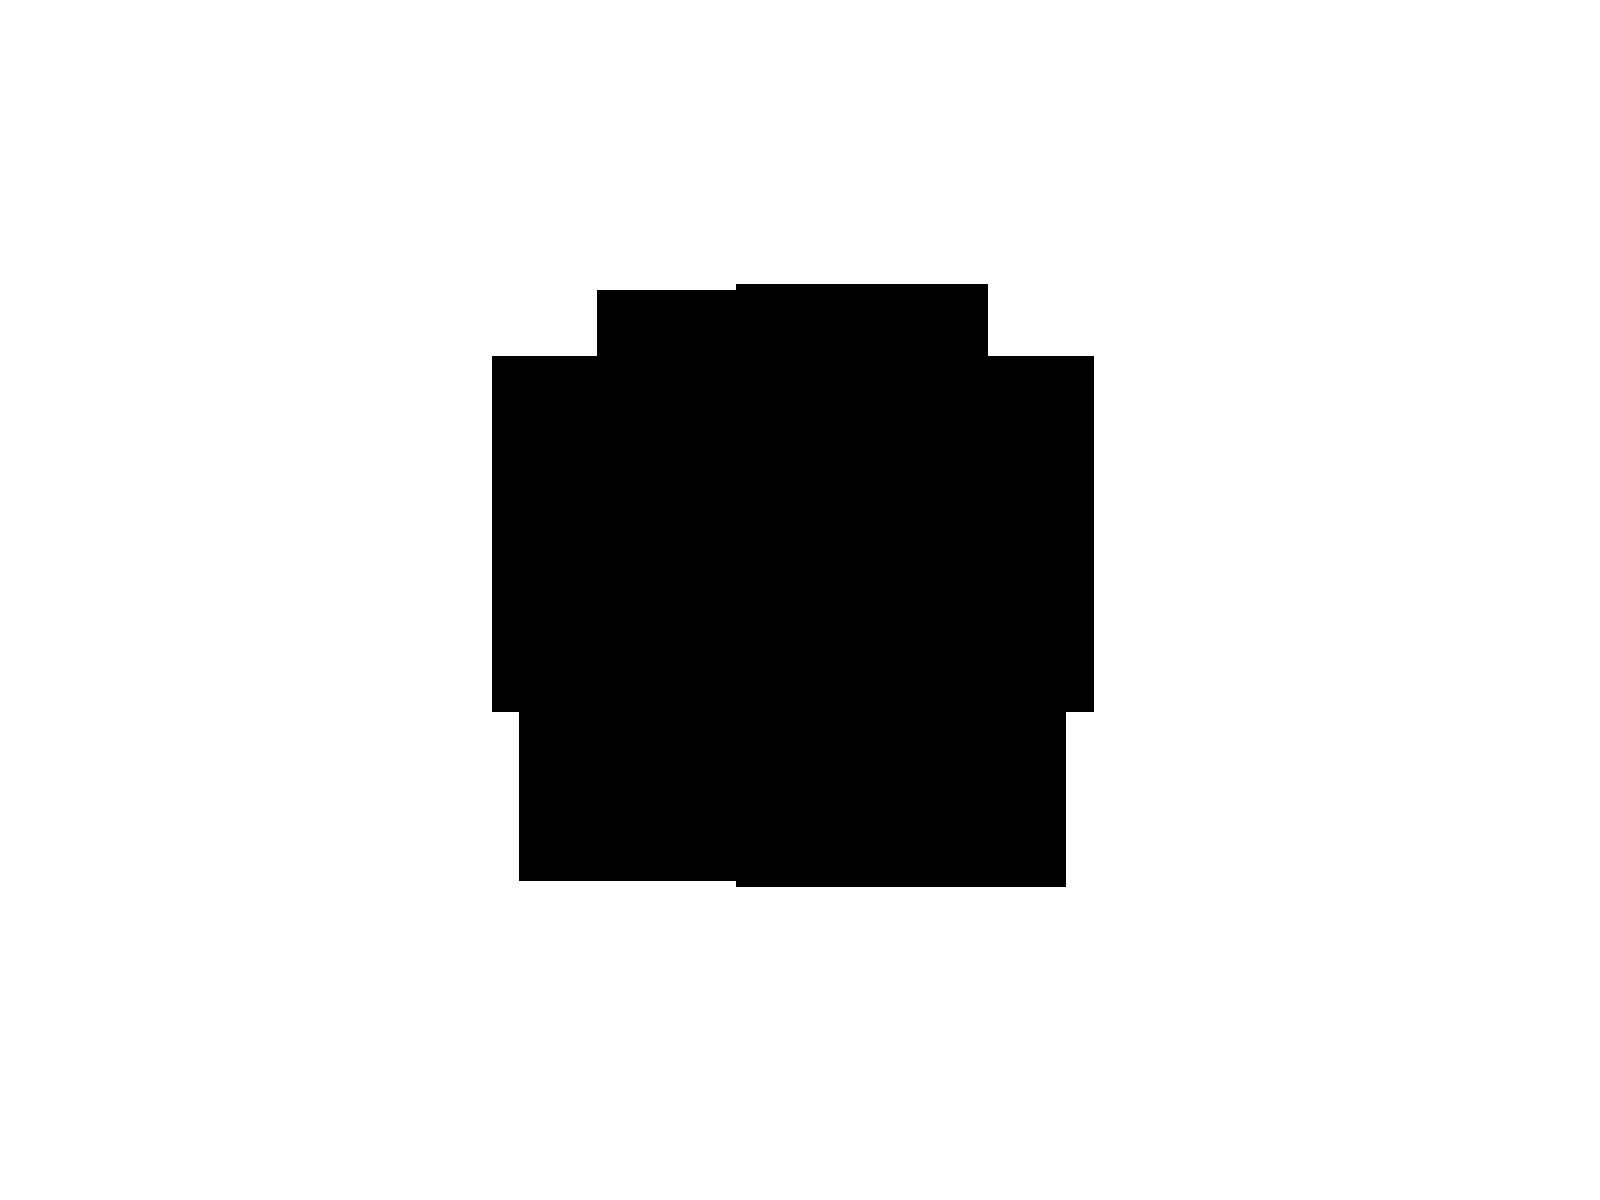 Aape logo logok . Youtube clipart bape